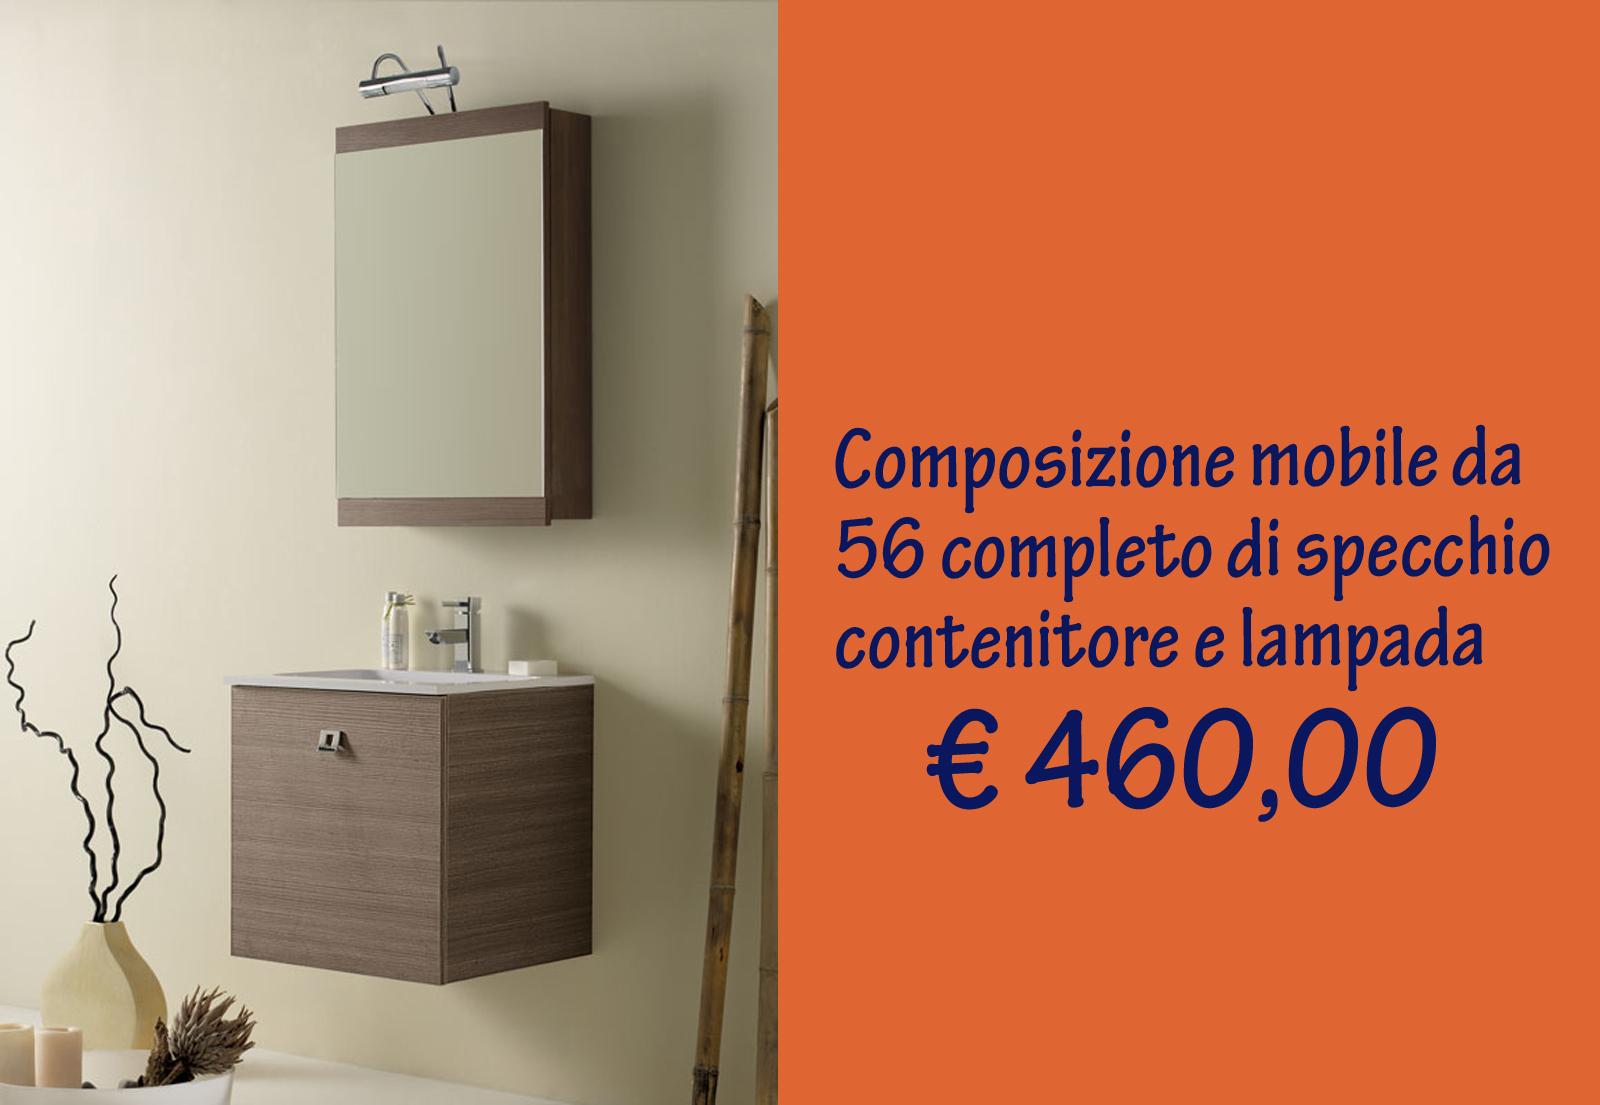 Specchio Contenitore Mobile Bagno : Specchio contenitore mobile ...